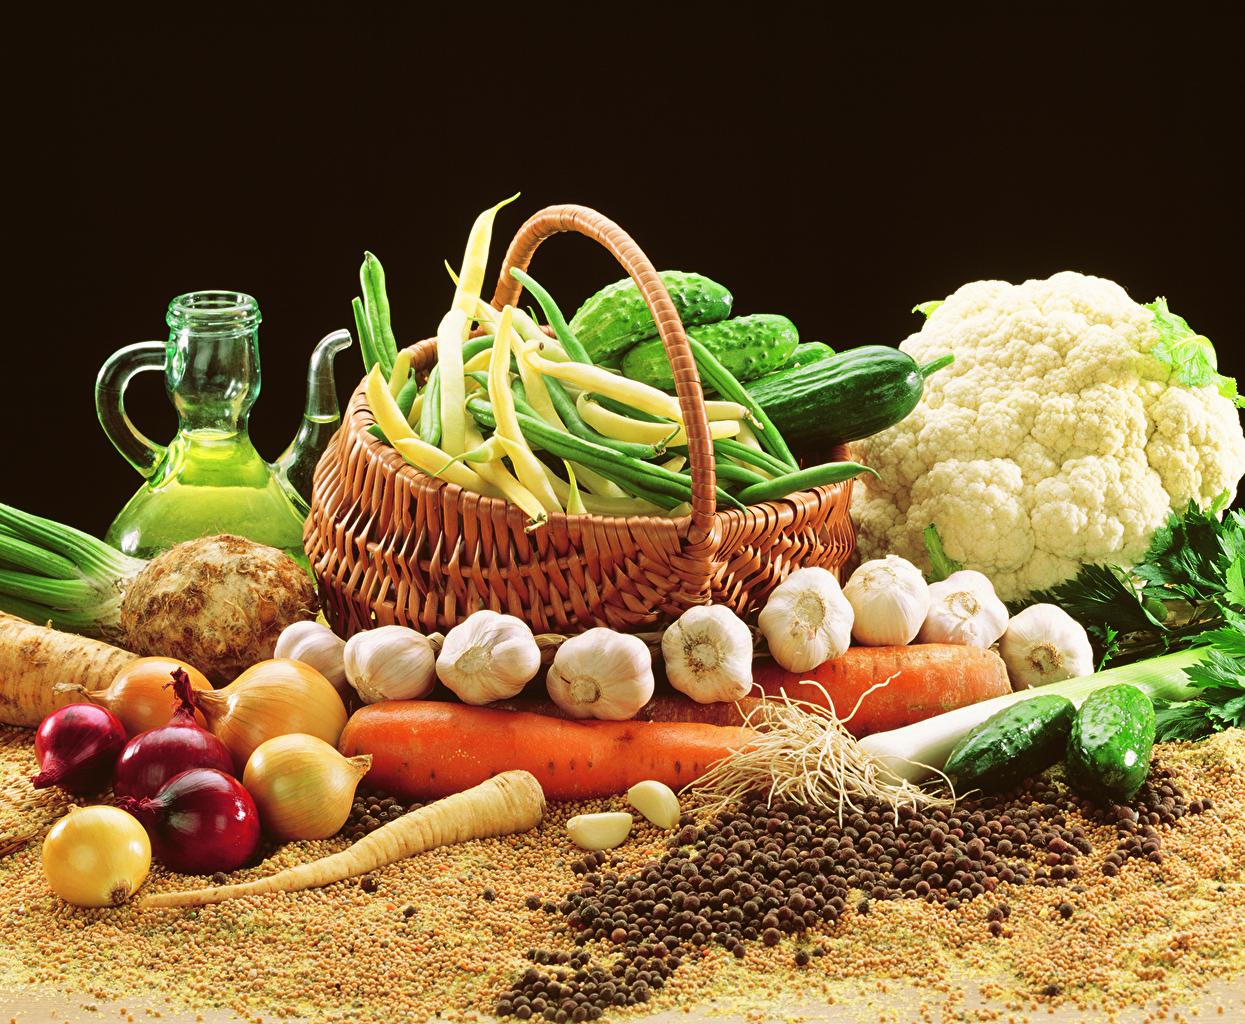 Image Onion Cabbage Cucumbers Garlic Wicker basket Food Vegetables Black background Allium sativum